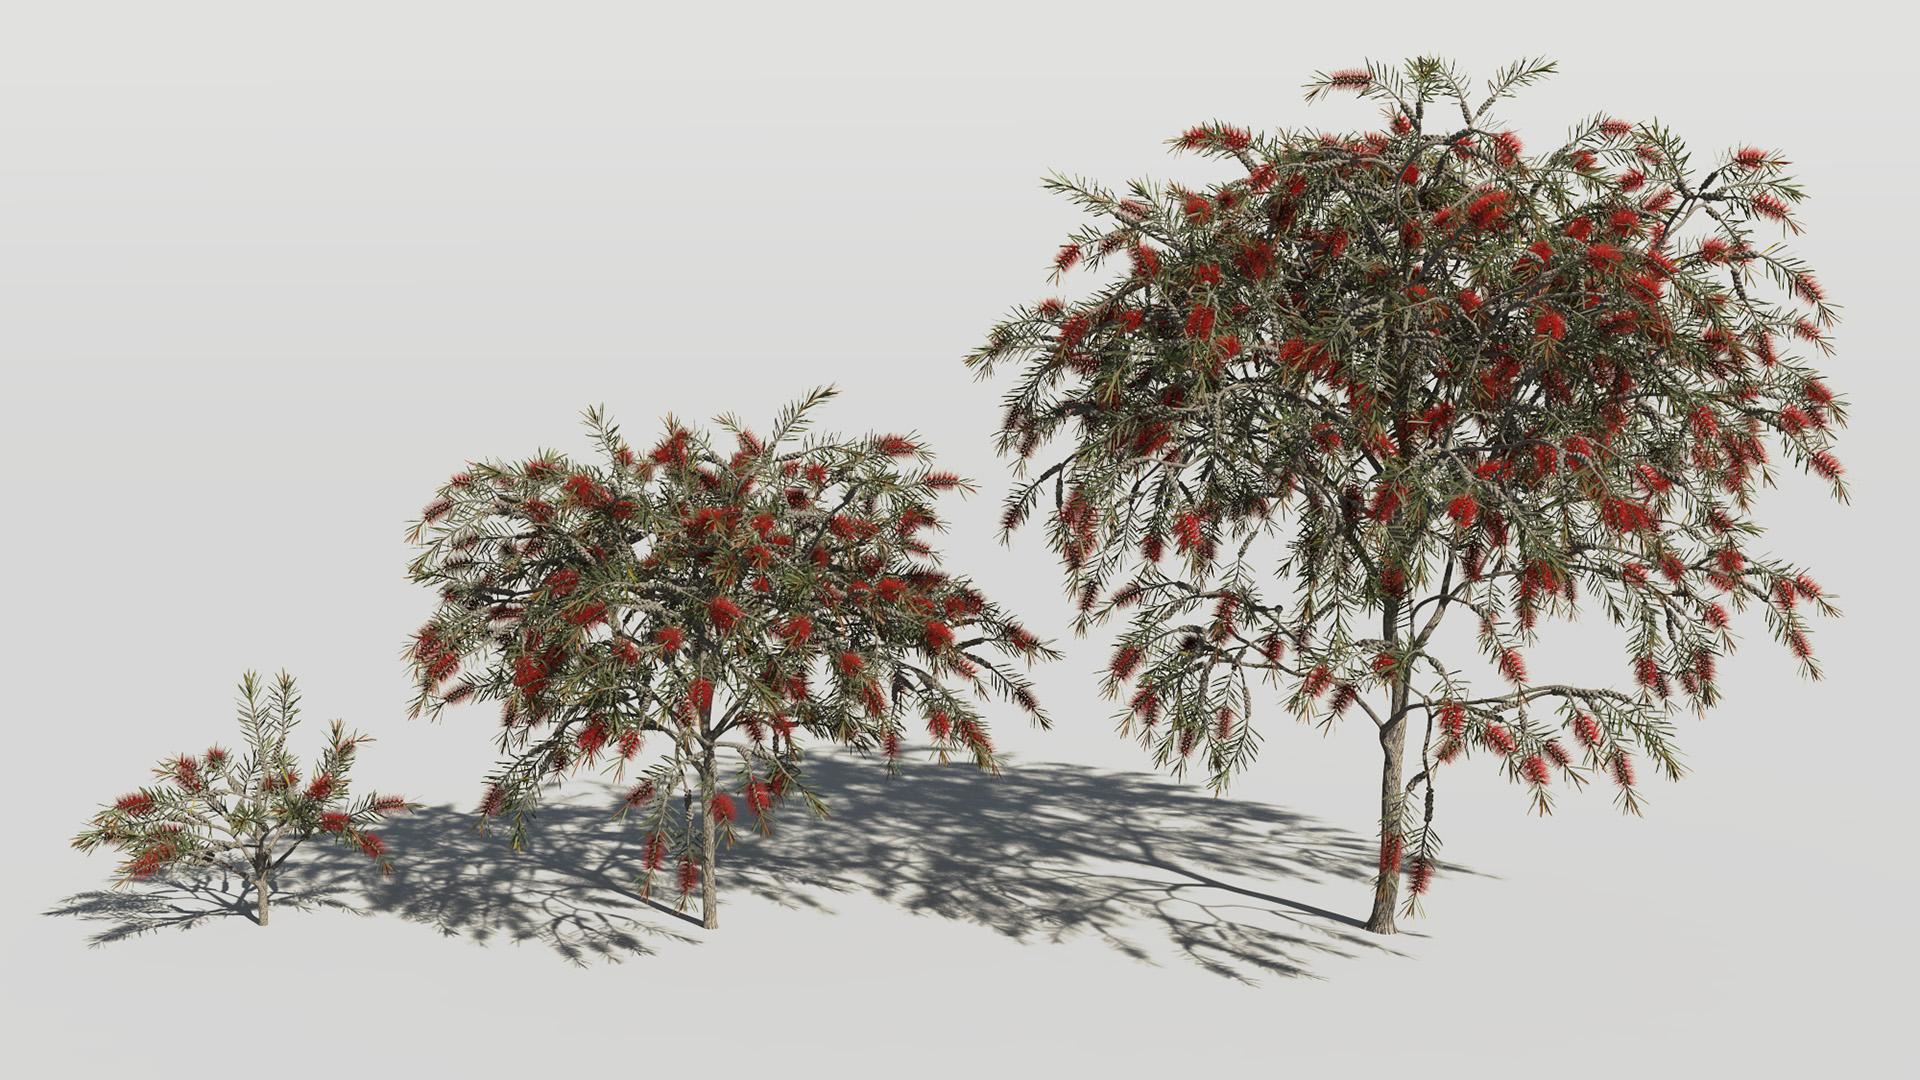 3D model of the Bottlebrush rigidus Callistemon rigidus